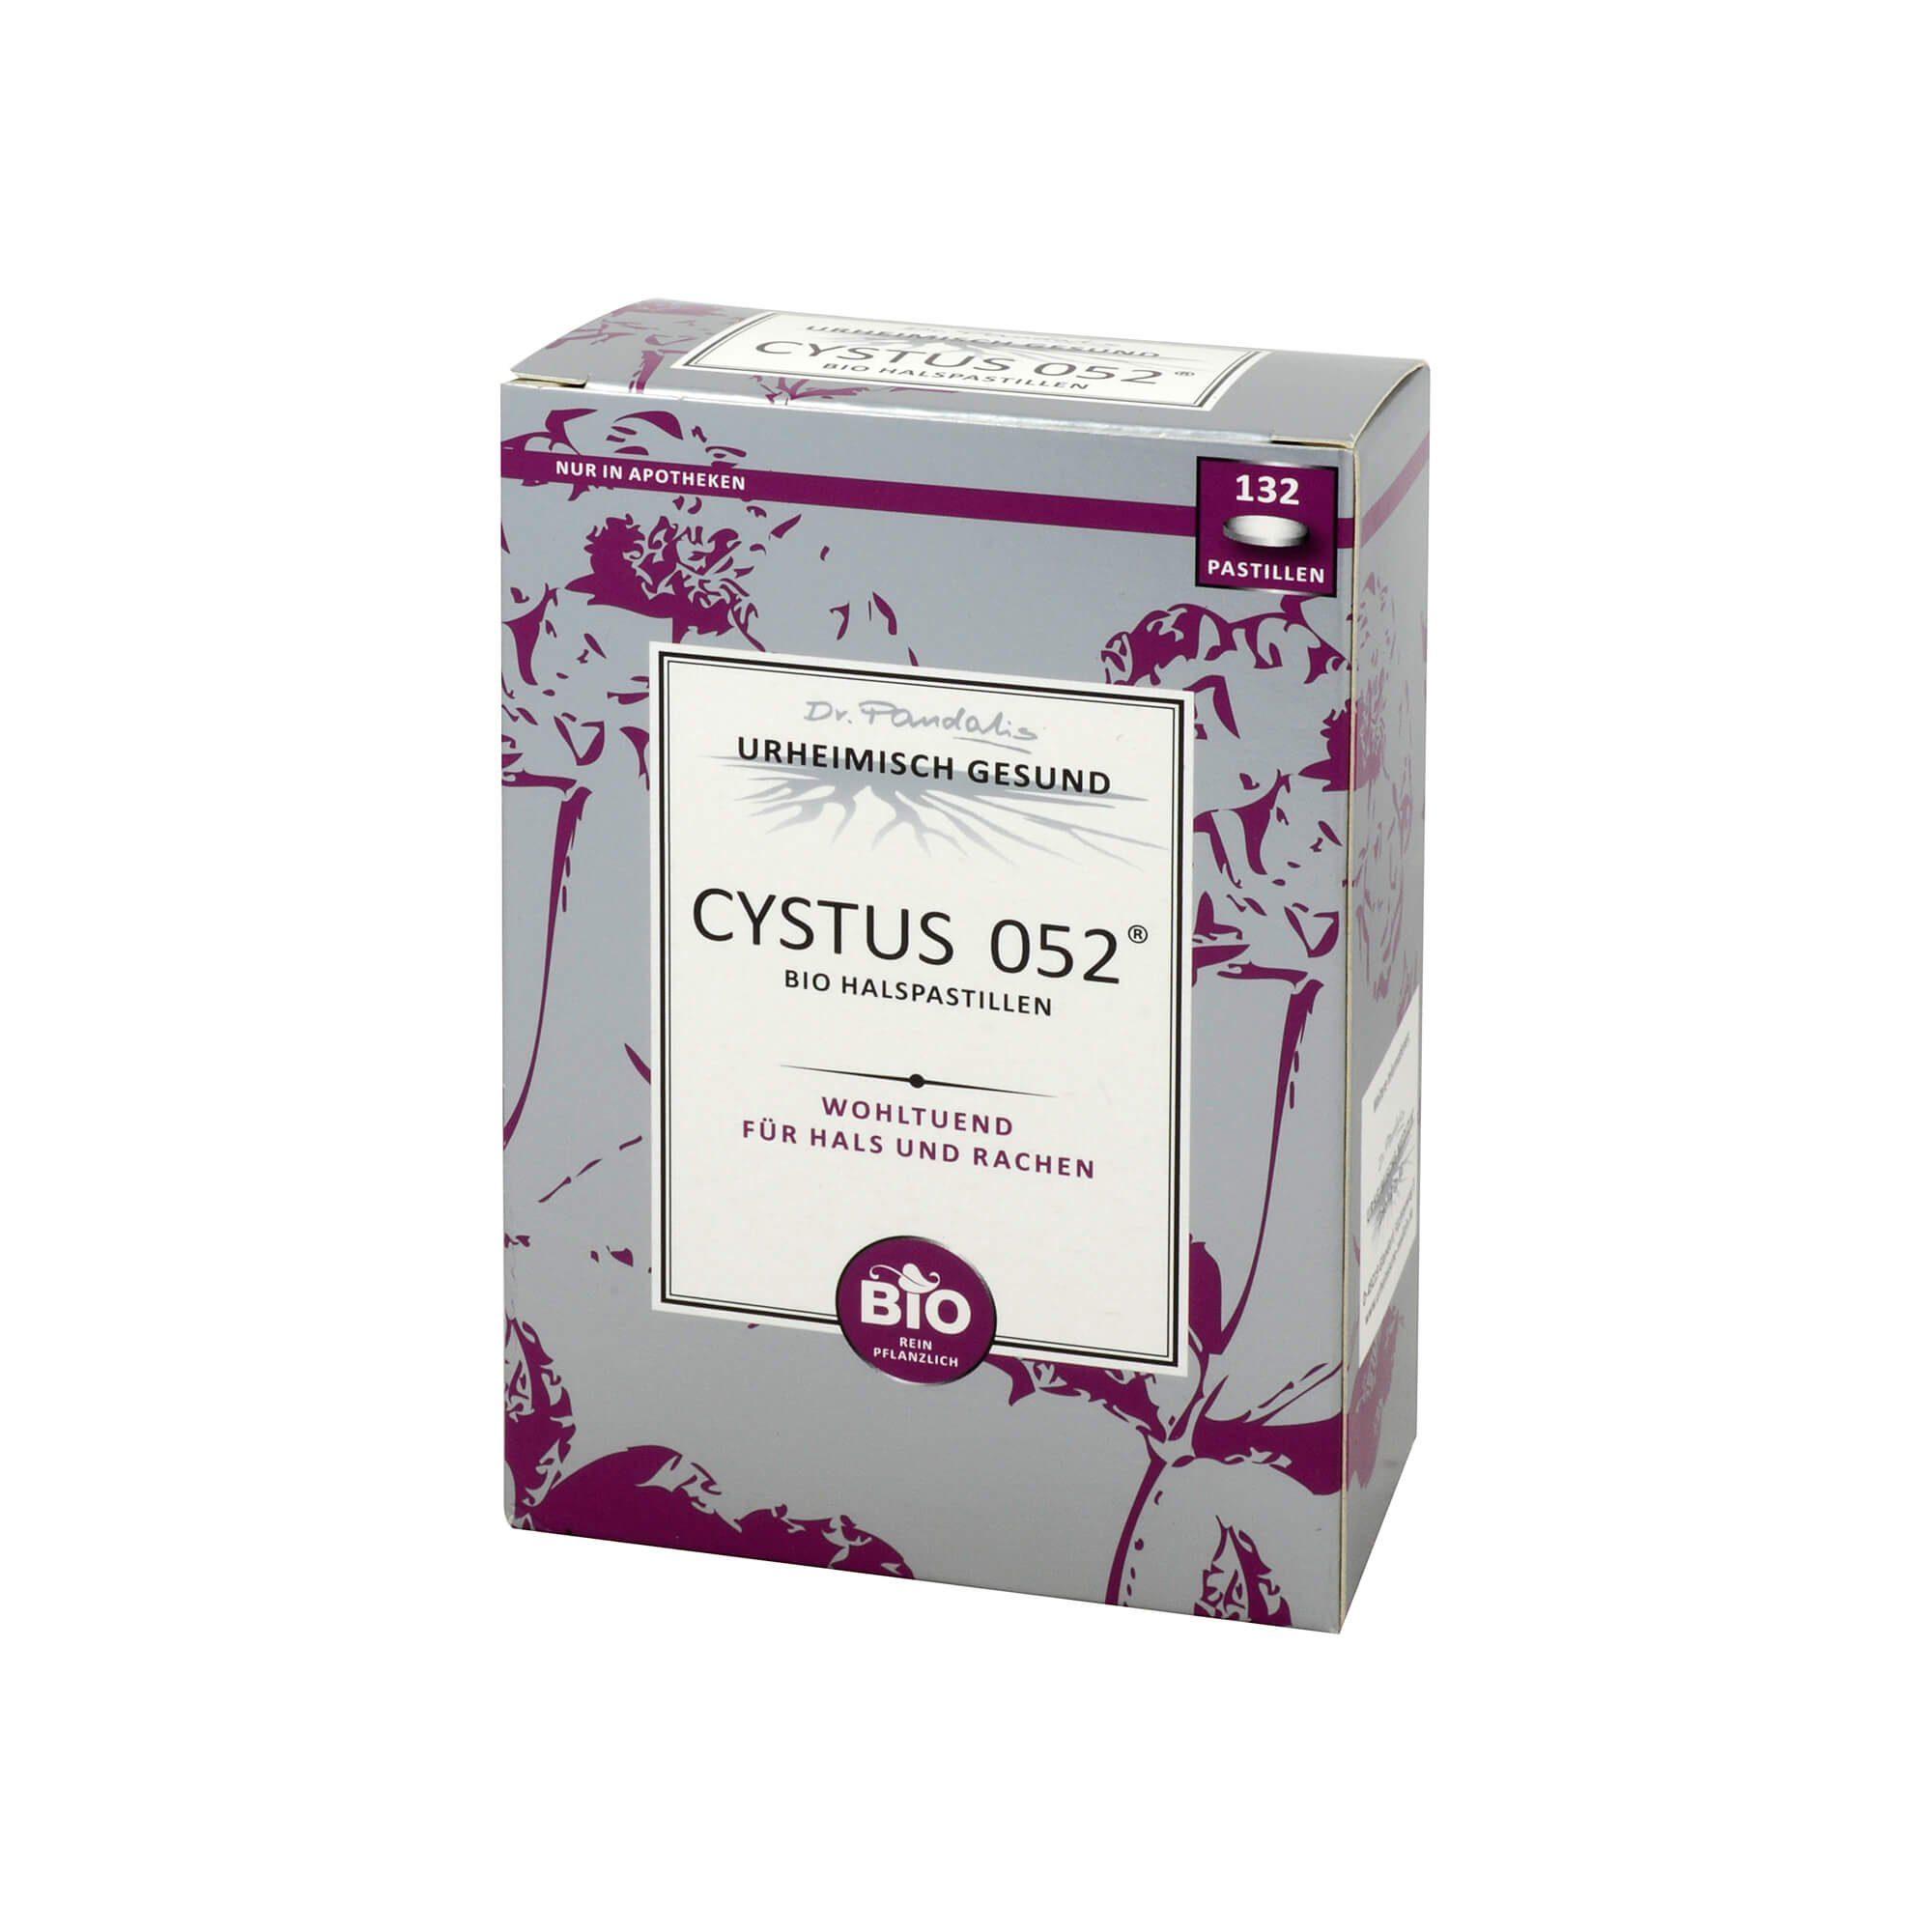 Cystus 052 Bio Halspastillen , 132 St